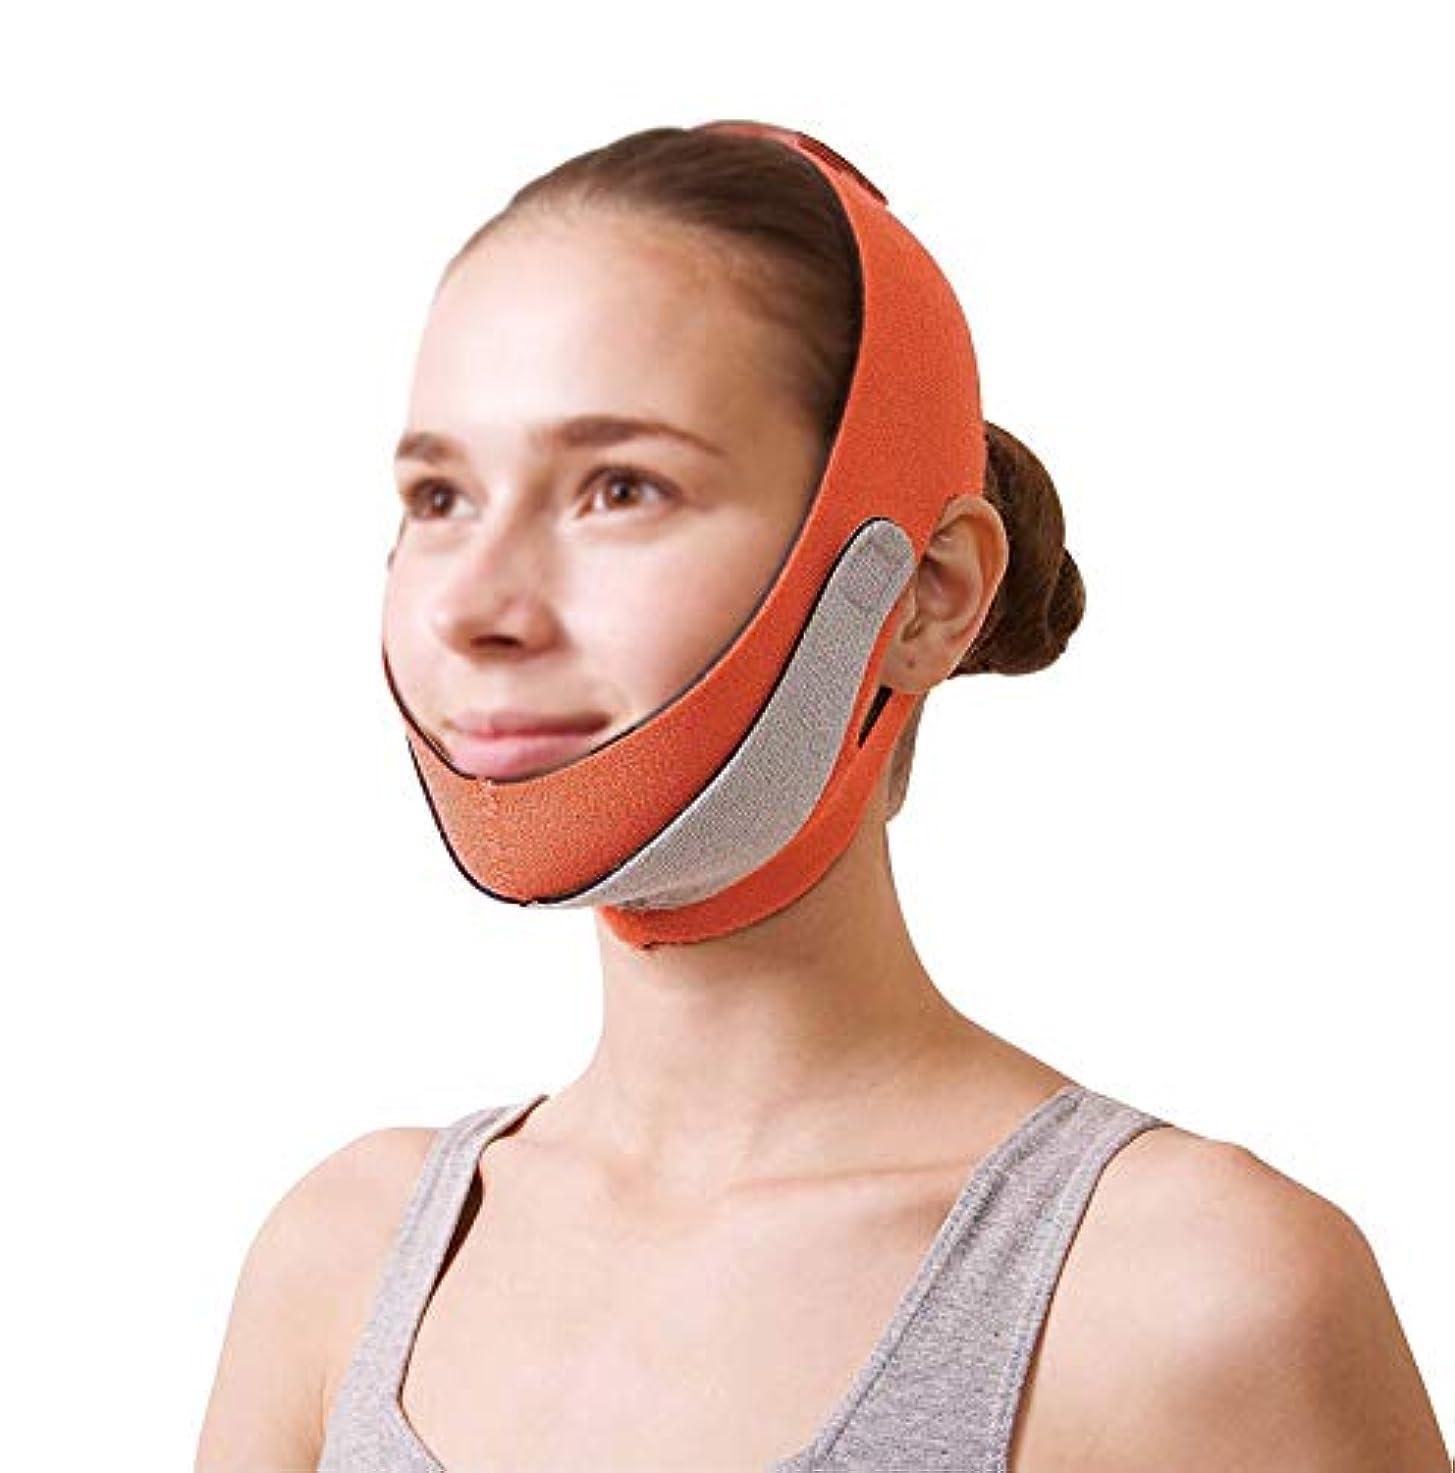 不透明な避難ベンチャーTLMY 薄いフェイスマスクあごストラップ回復パッチ包帯ヘッドマスクフェイシャルマスクフェイシャルマスクアーティファクト美容フェイシャルとネックリフトオレンジマスク 顔用整形マスク